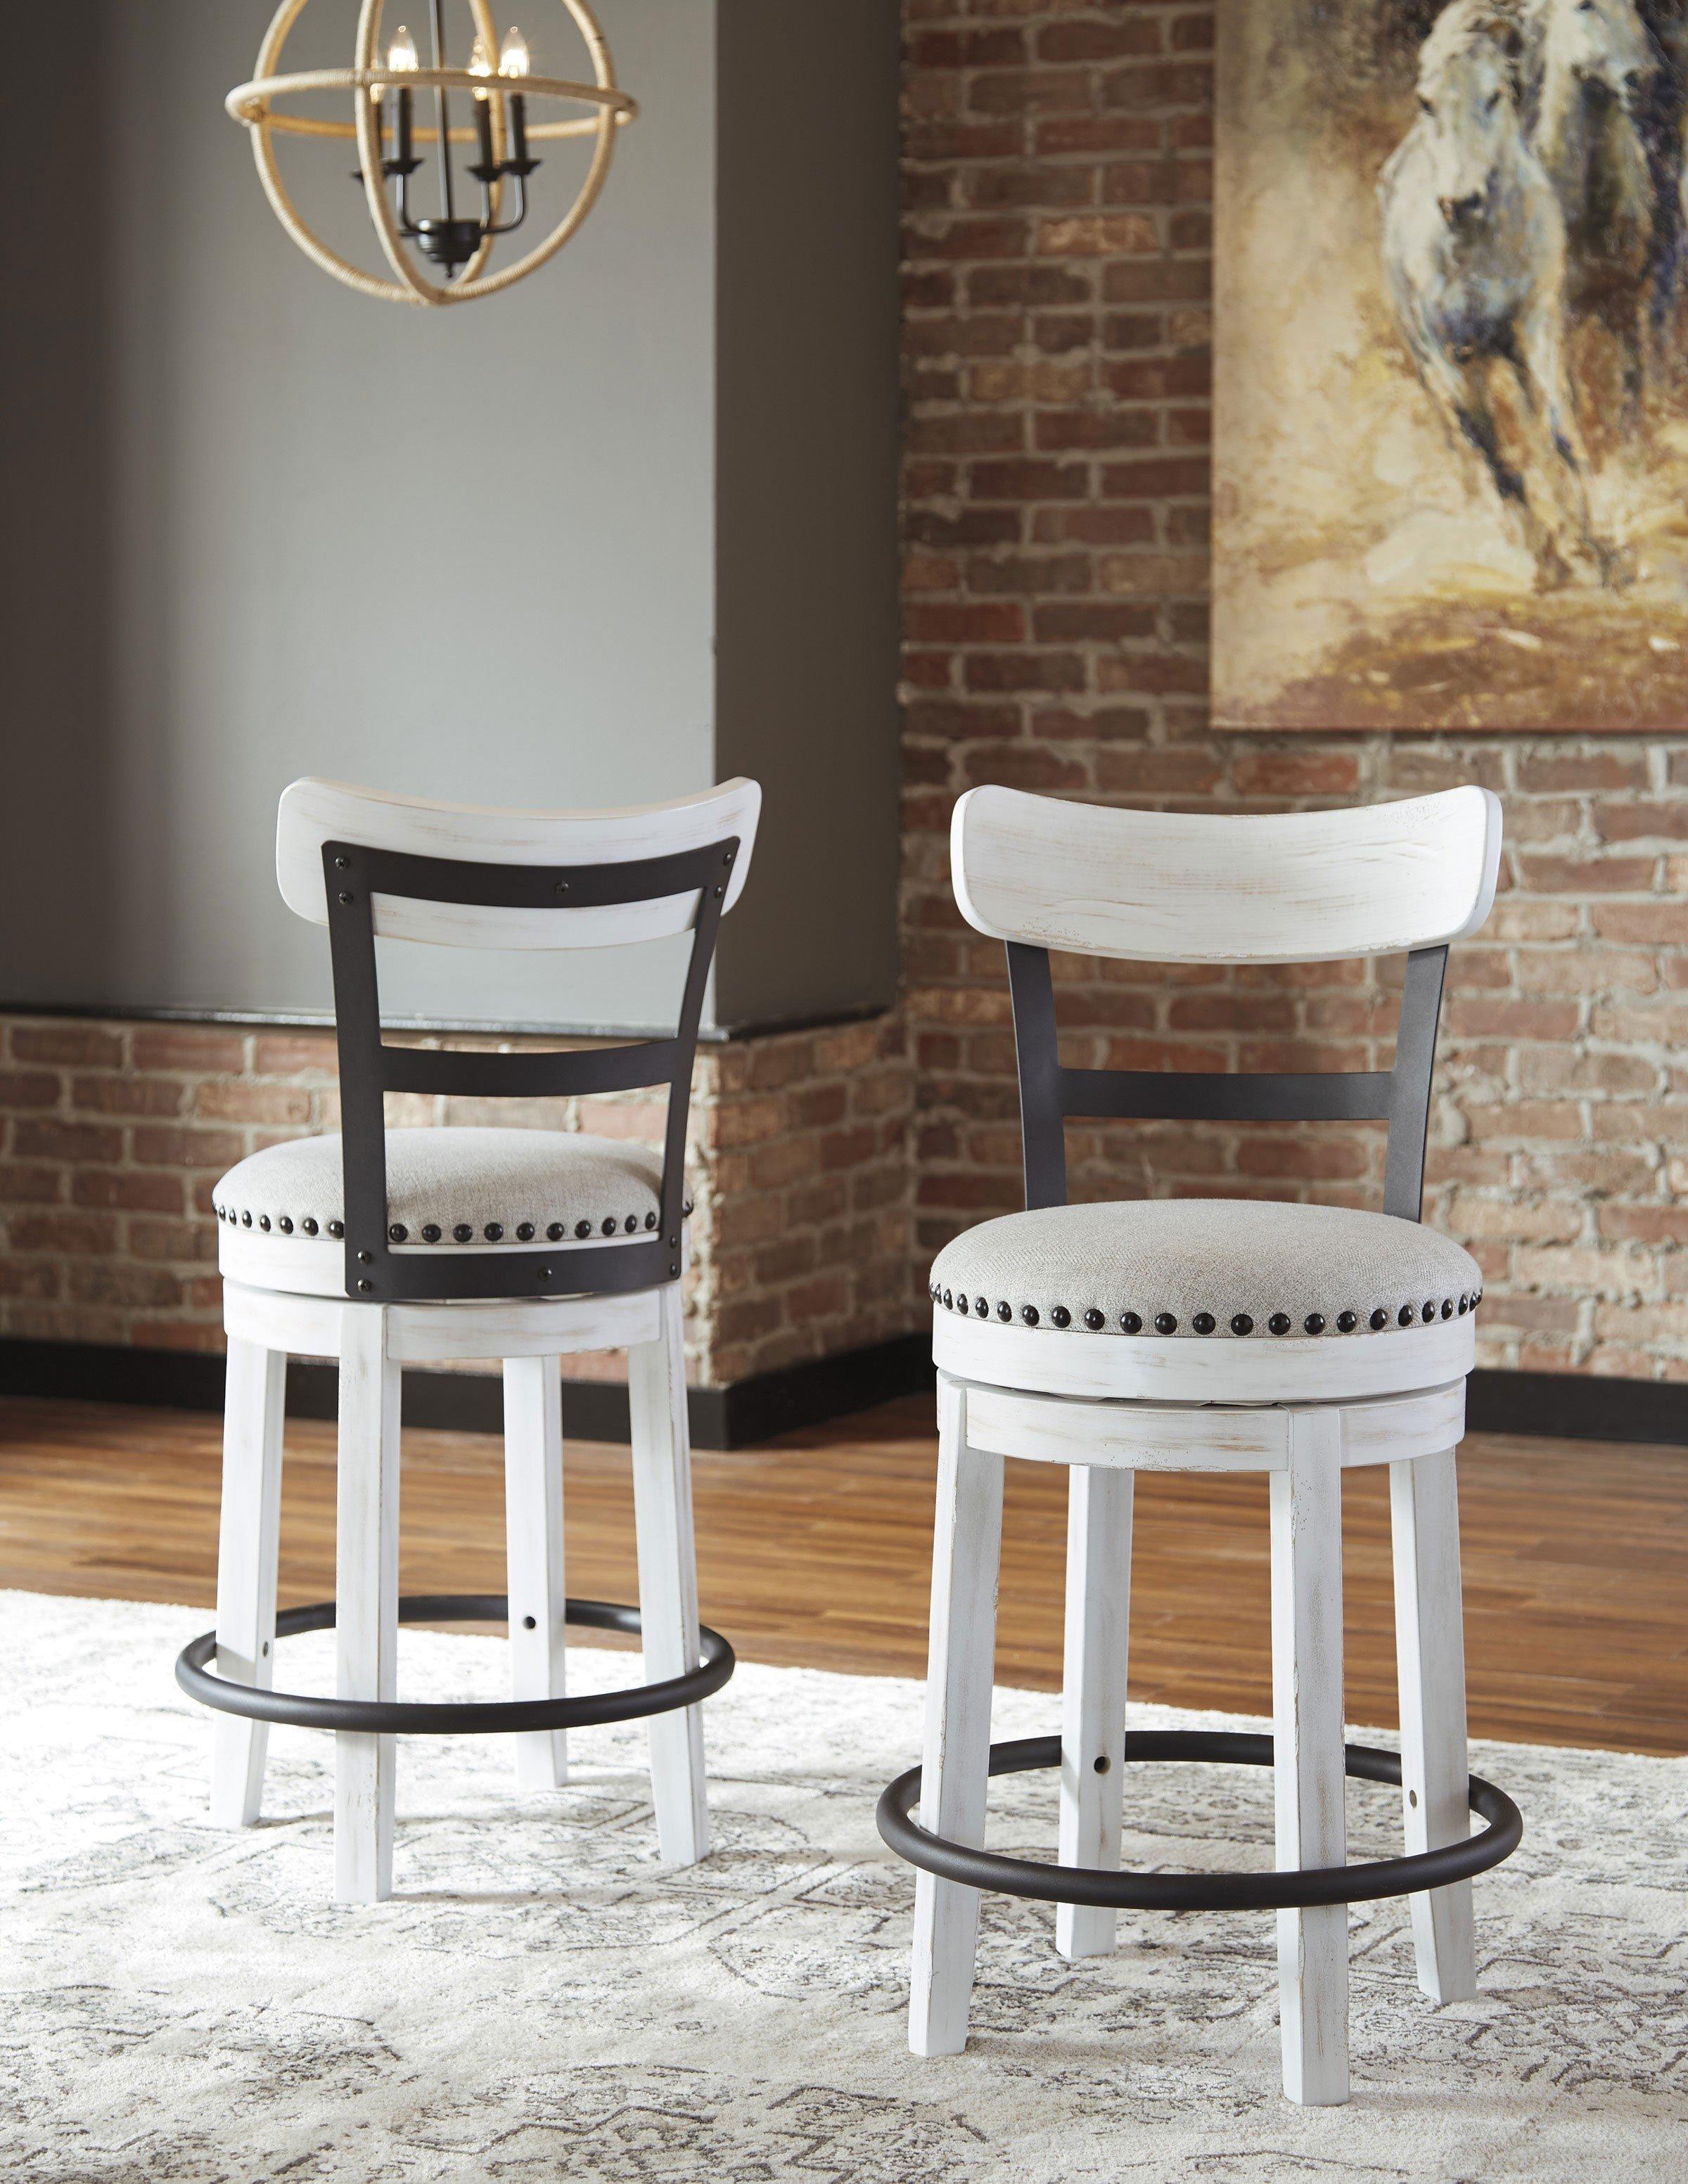 Ashley Porter Bedroom Set New ashley Furniture Valebeck Upholstered Swivel Barstool In White